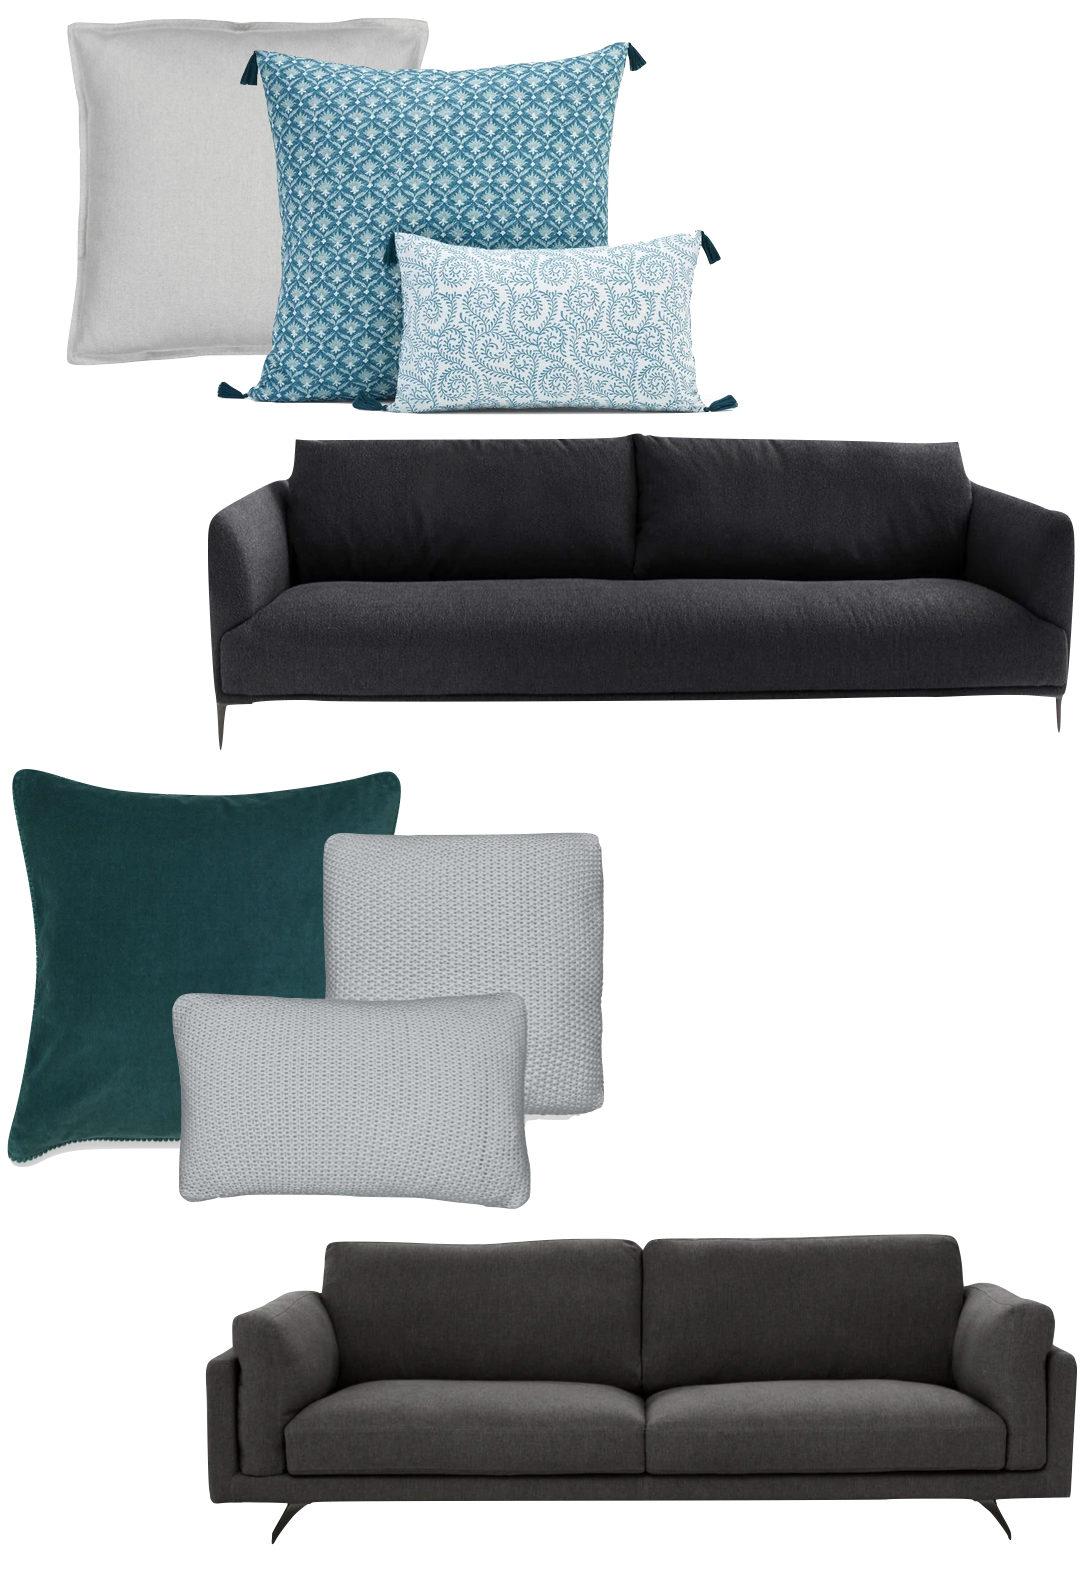 comment choisir ses coussins d'intérieur canapé gris assortiment bleu vert canard